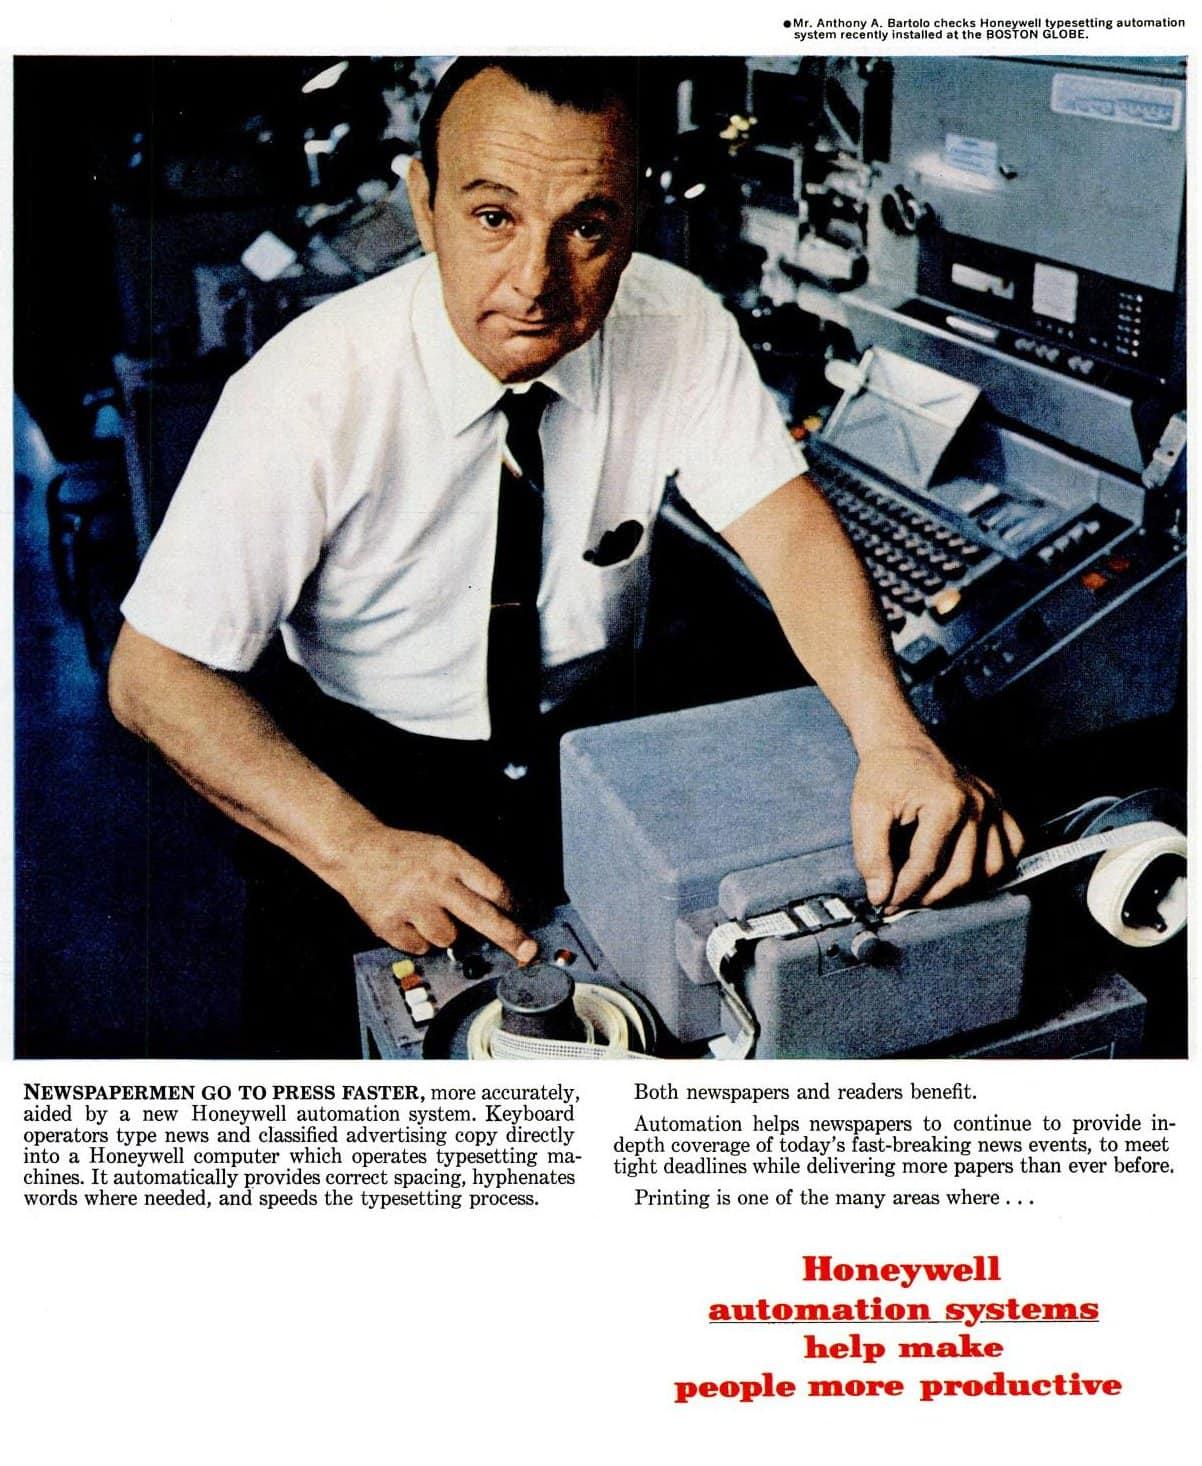 Honeywell computers to typeset the Boston Globe newspaper (1967)